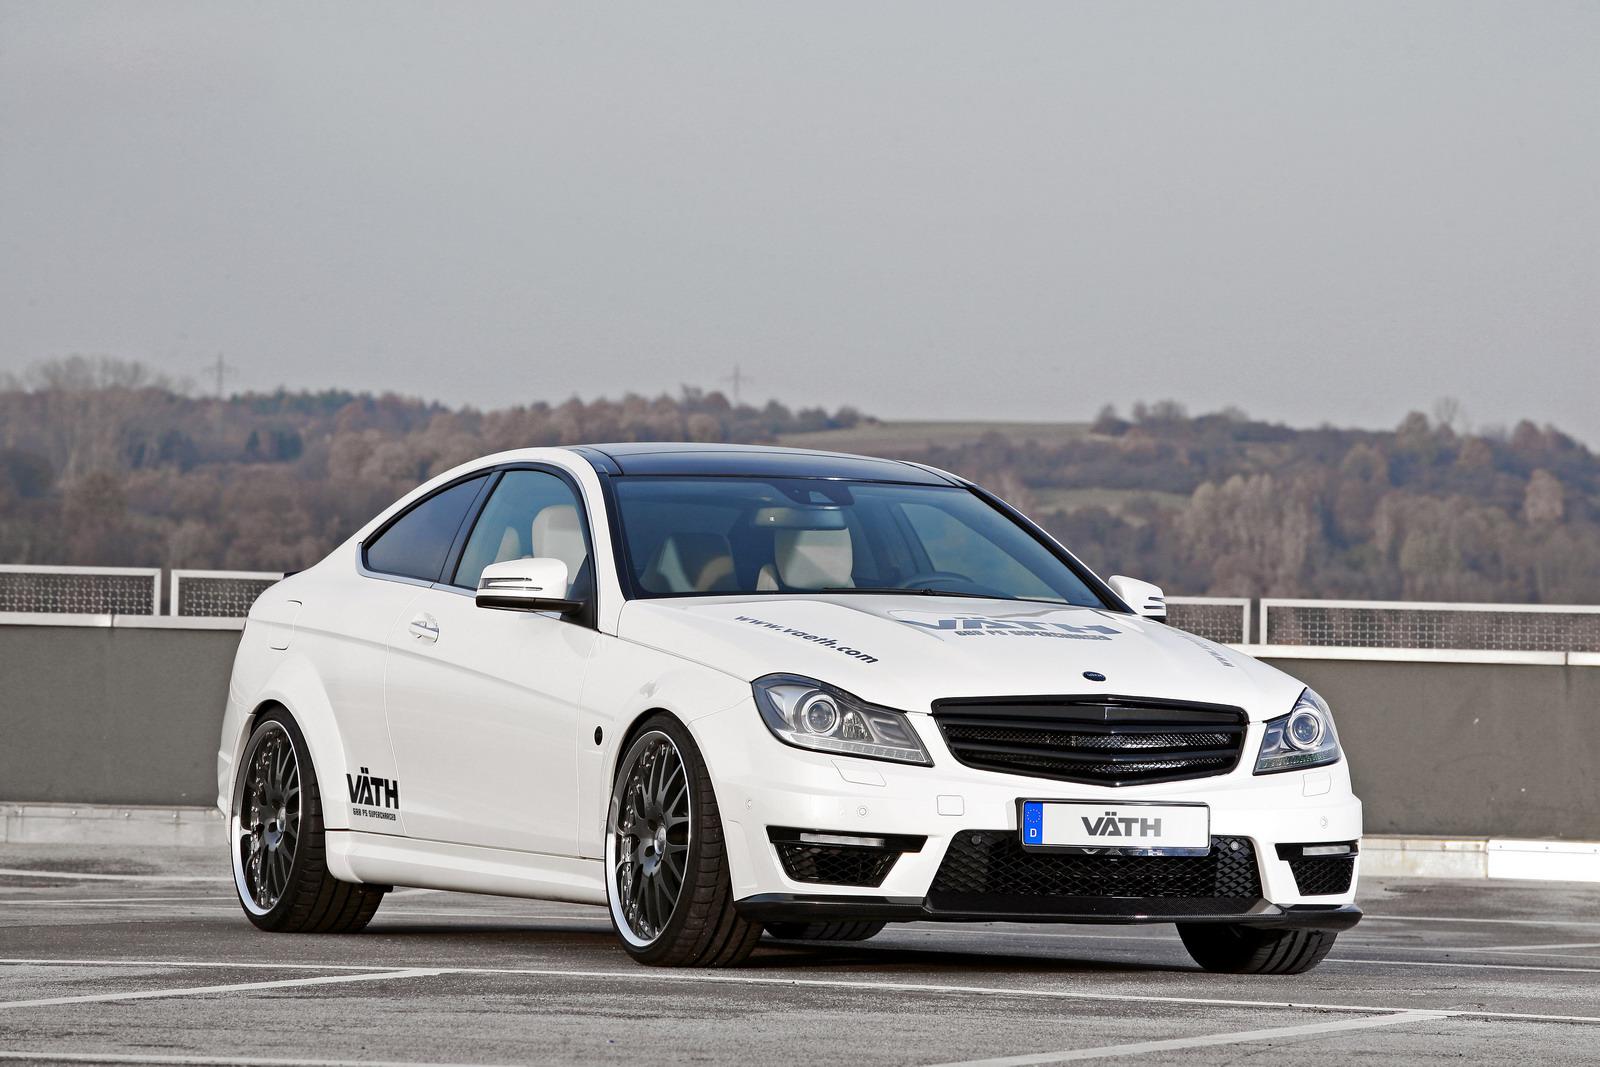 VATH V63 Supercharged aneb vyladěný Mercedes C63 AMG 3